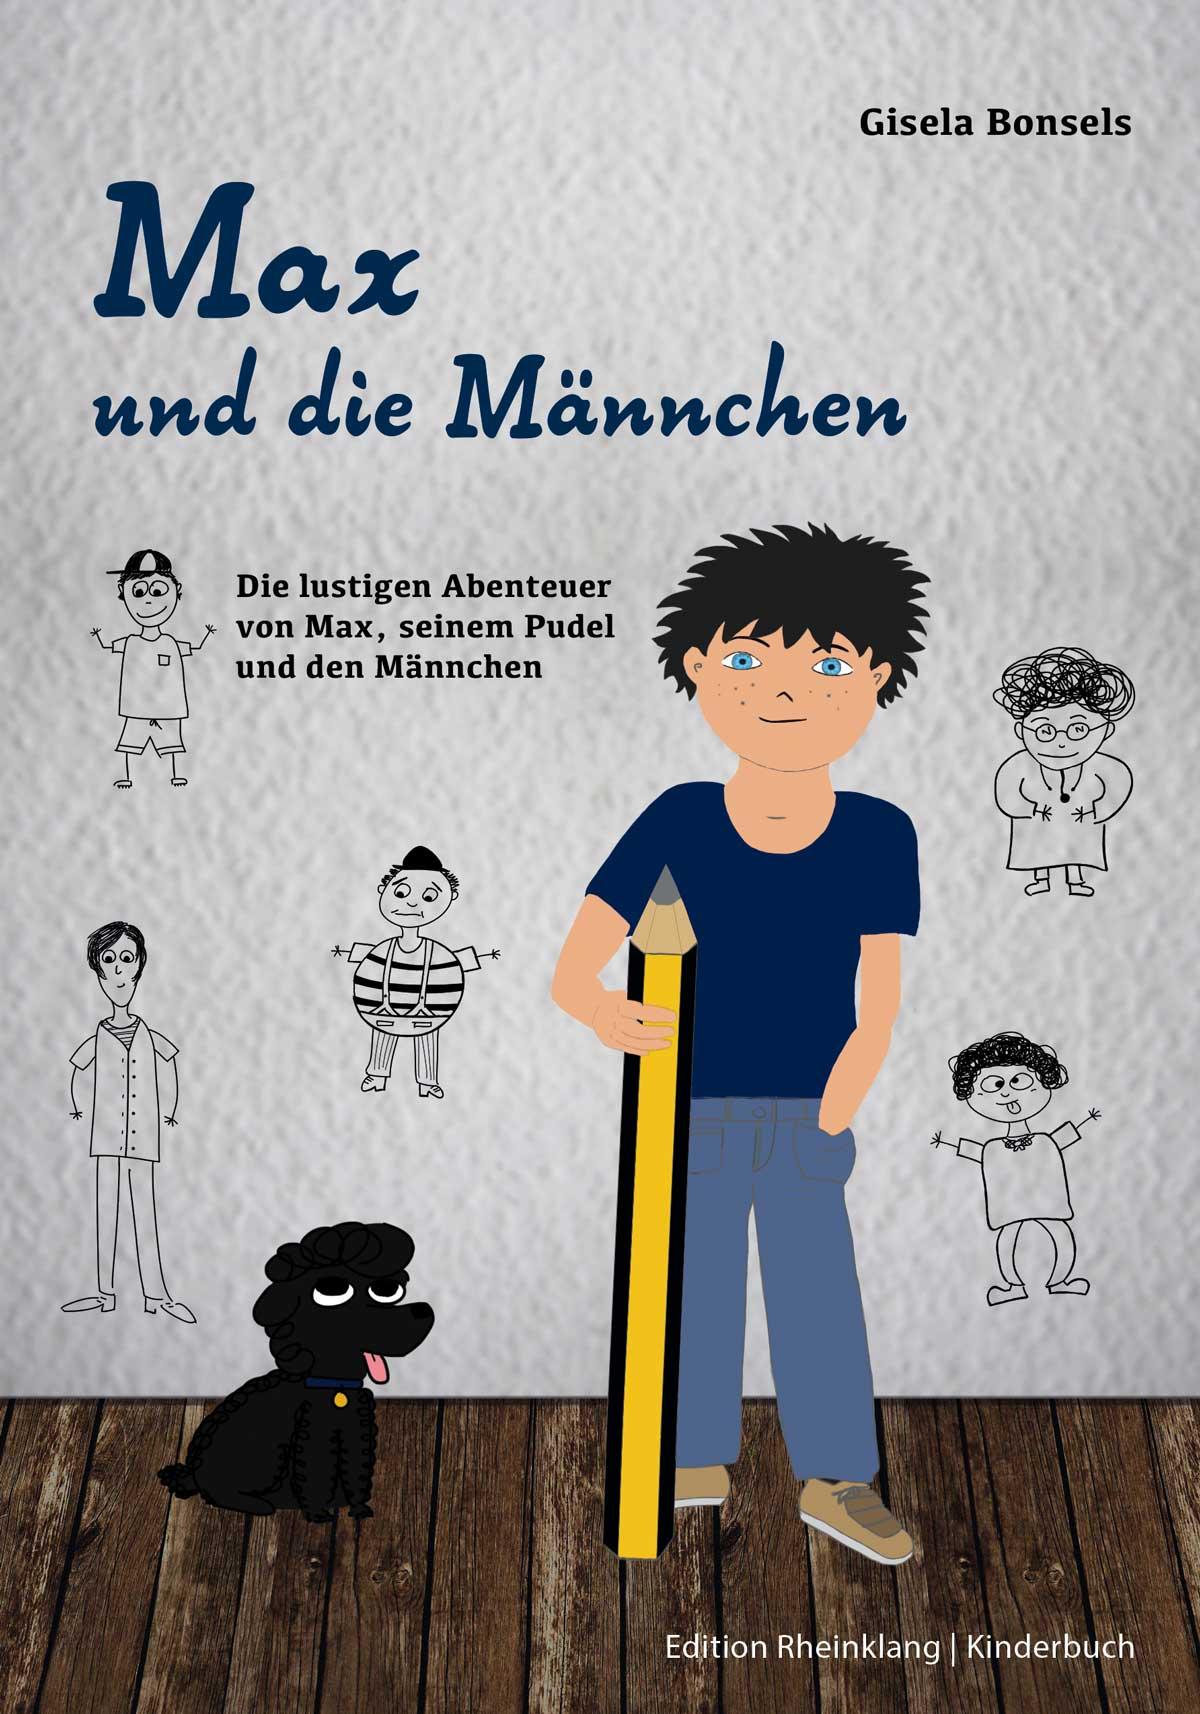 Buchausgabe von Gisela Bonsels: Max und die Maennchen